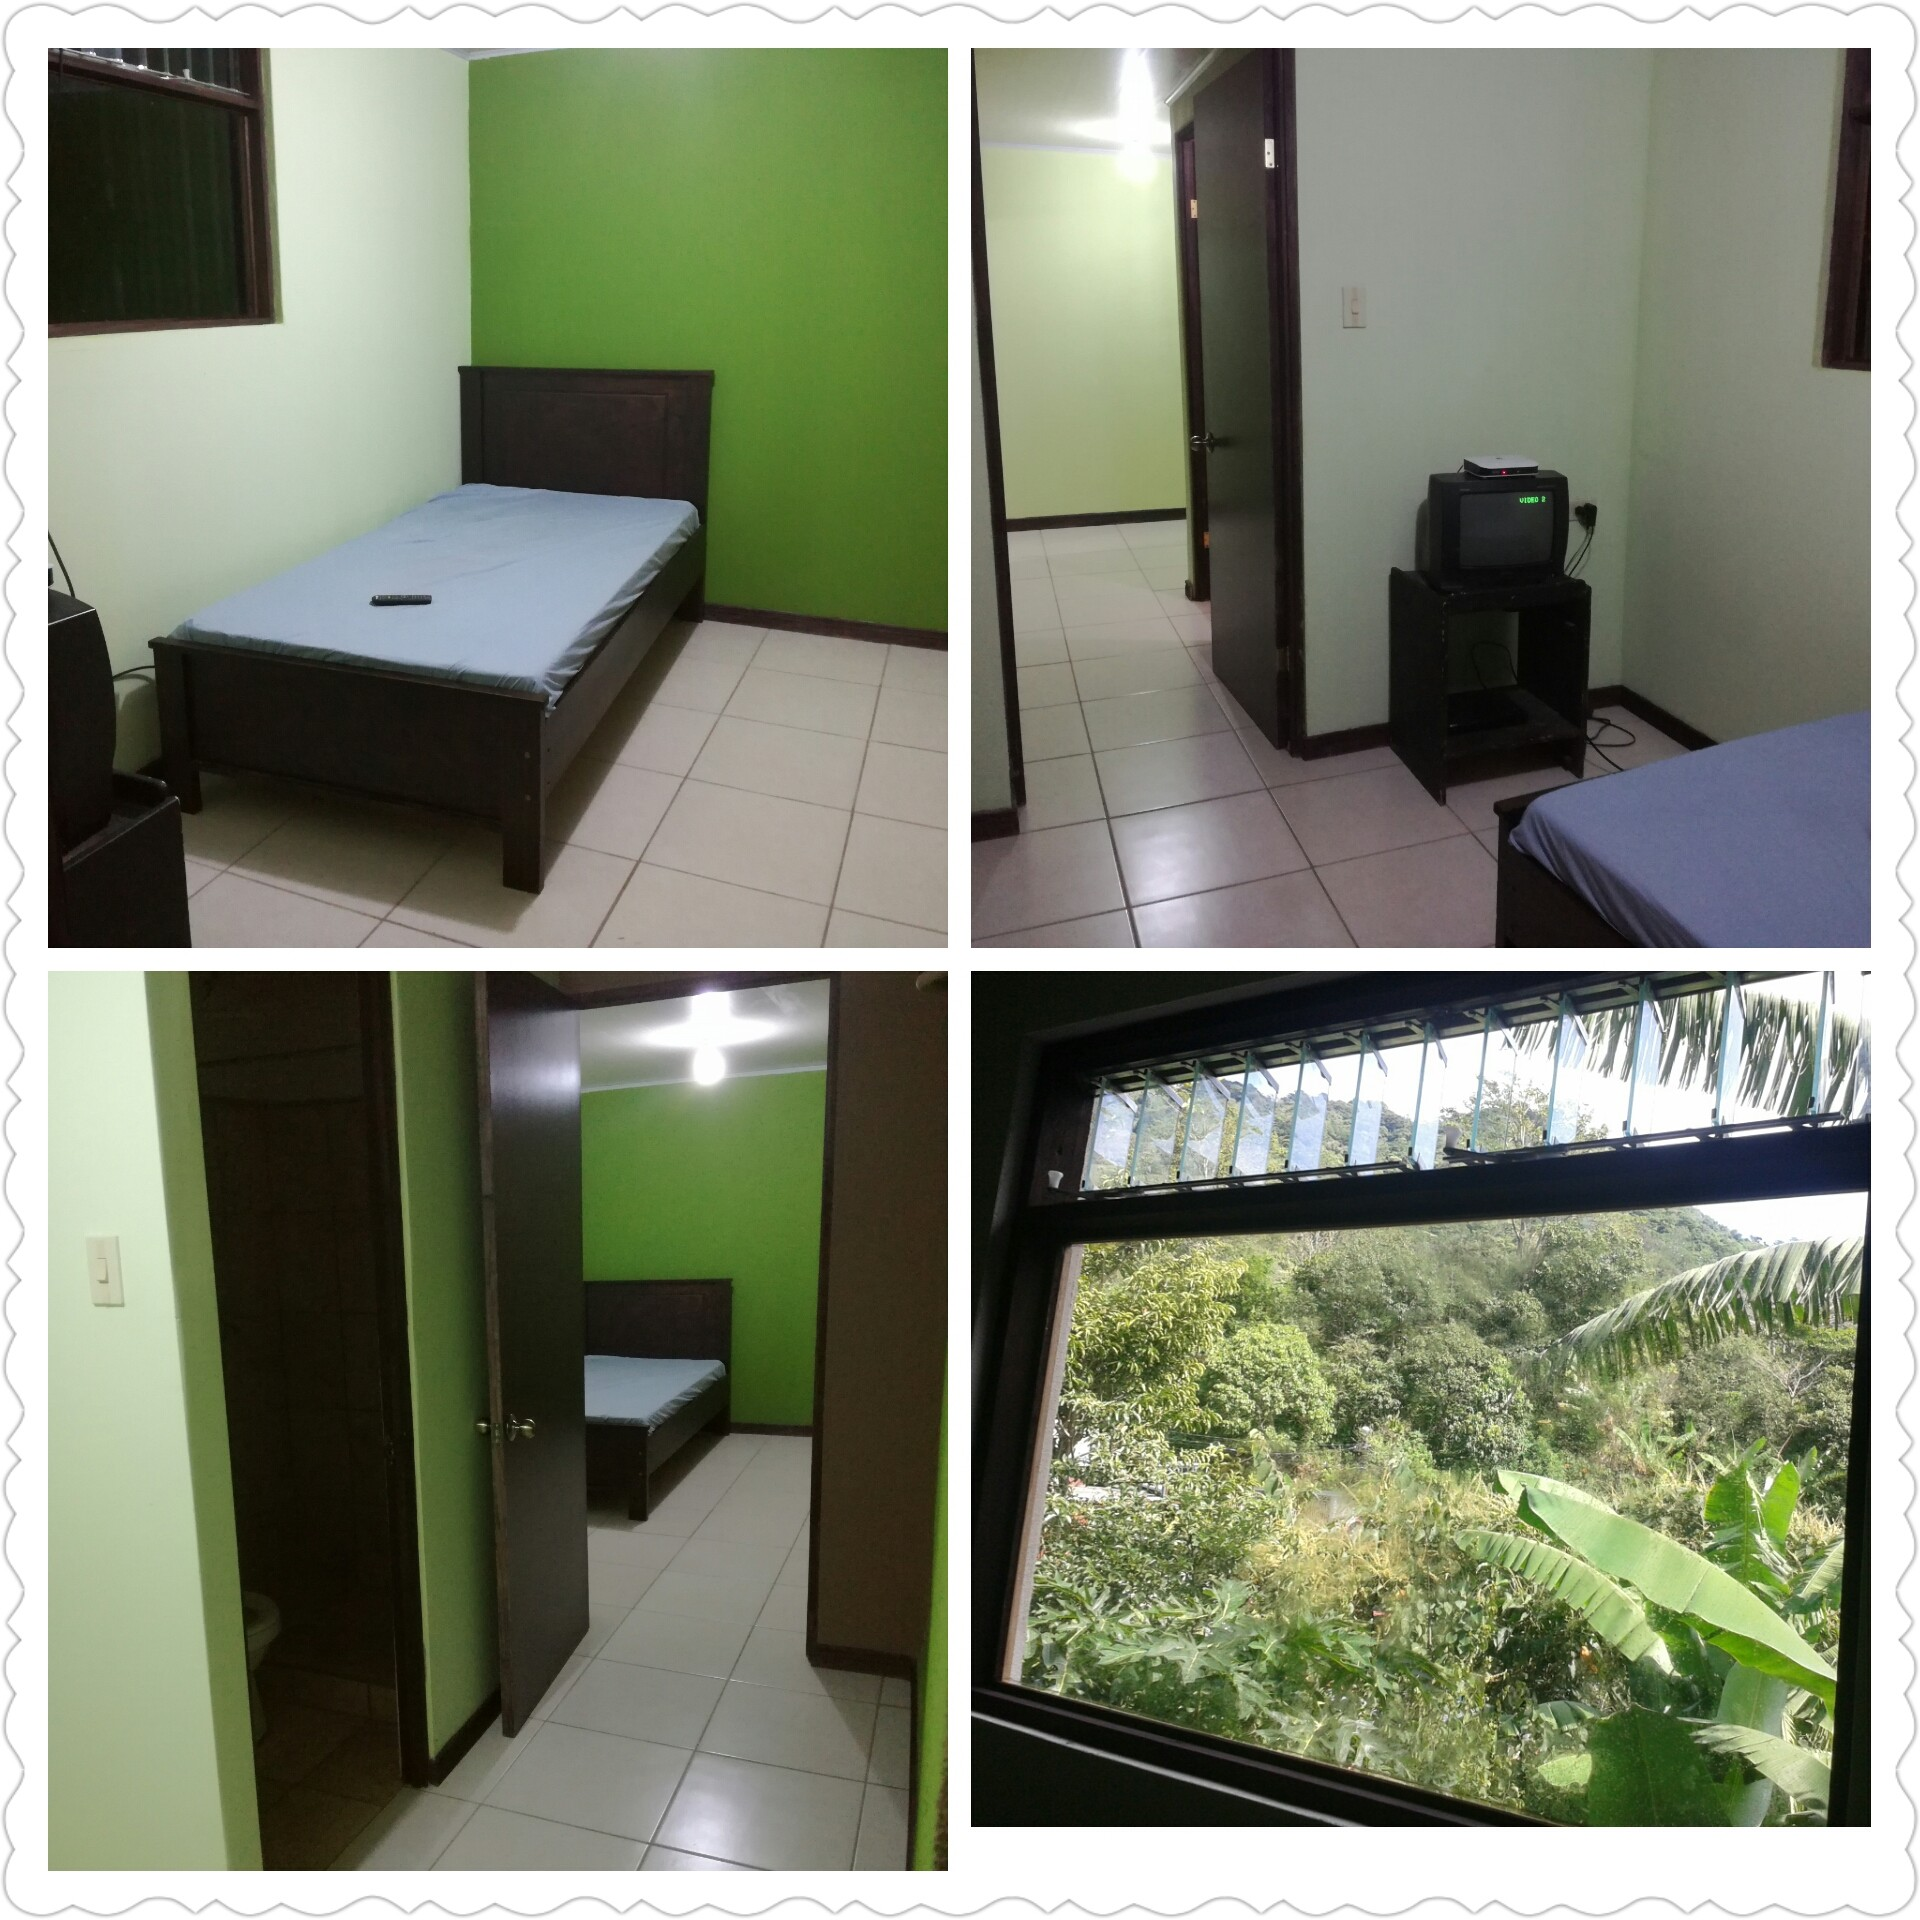 apartamento-independiente-pequeno-f86dddcef5bc61b674e926e2caa1926c